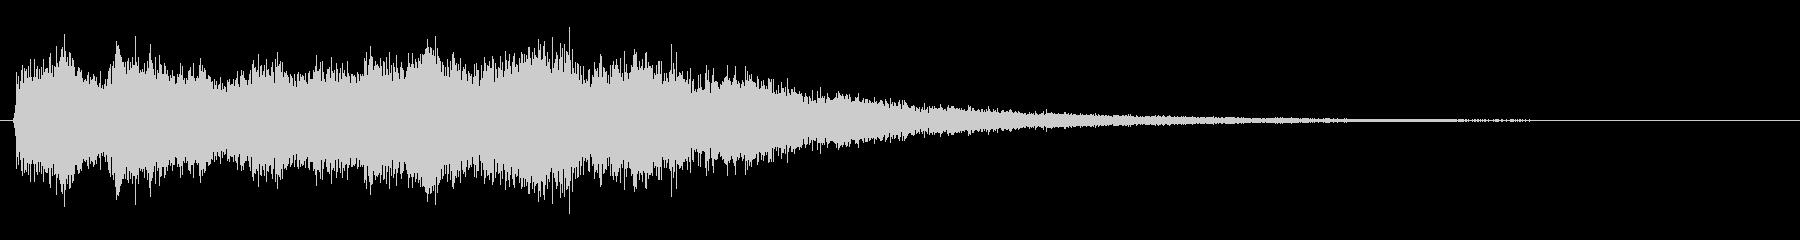 バシューン(キラキラ、決定、流れ星)の未再生の波形